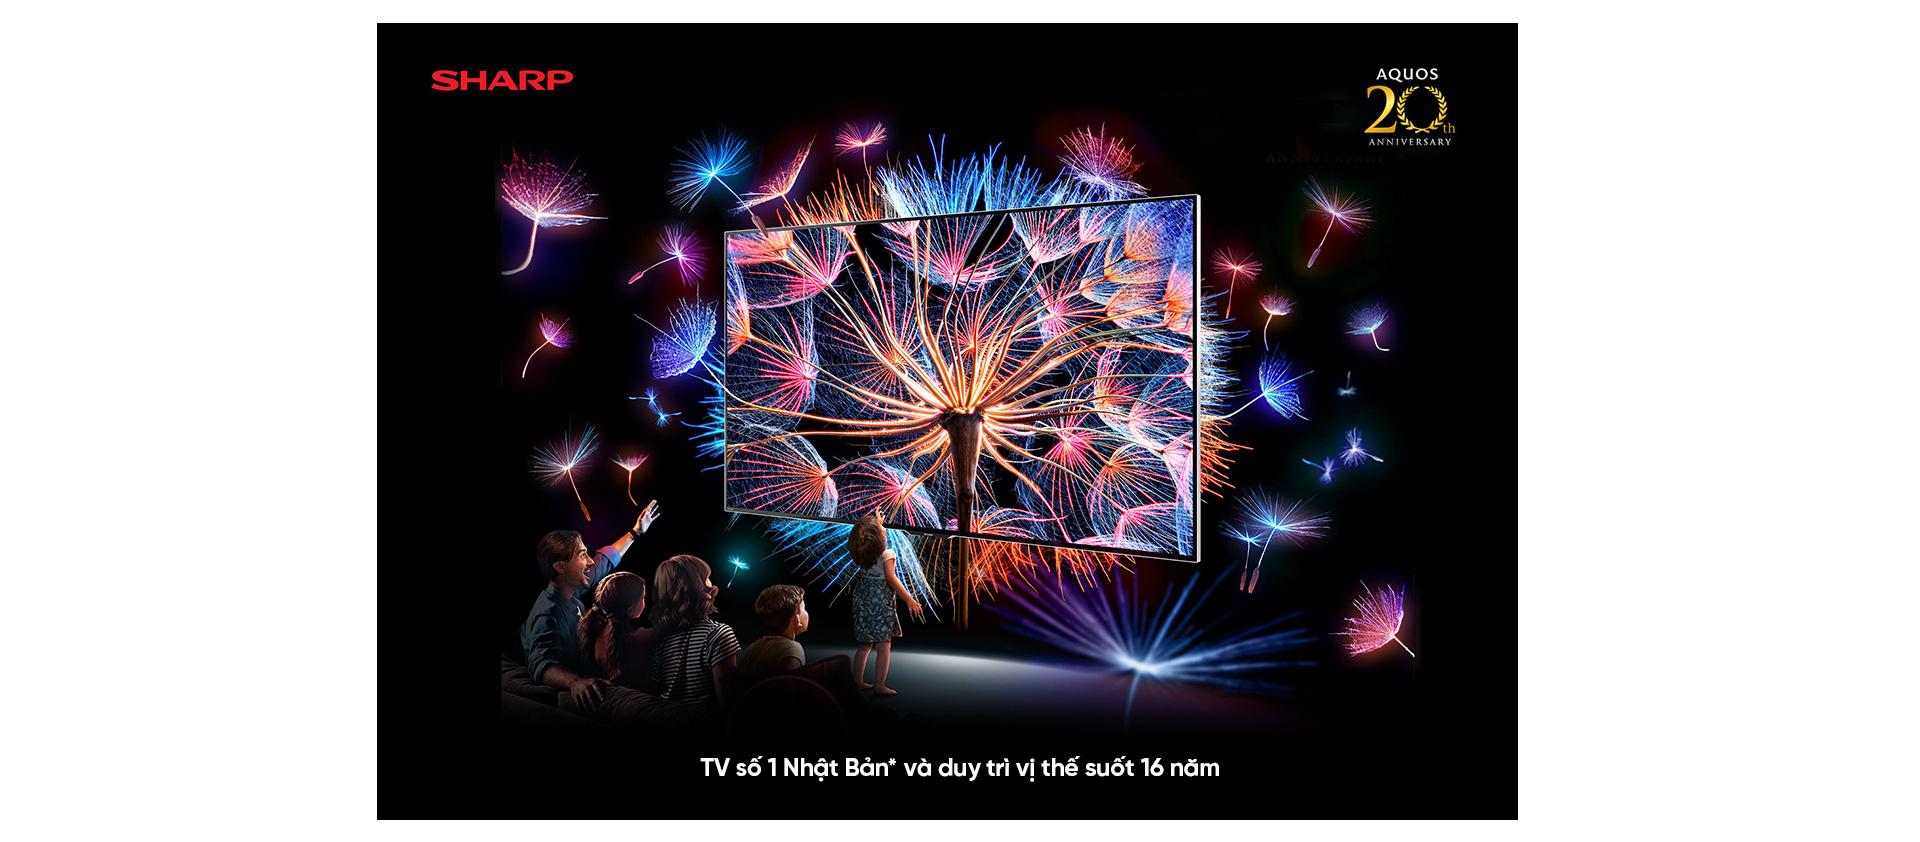 SHARP - 20 năm hành trình thương hiệu TV số 1 NHẬT BẢN * - Ảnh 2.